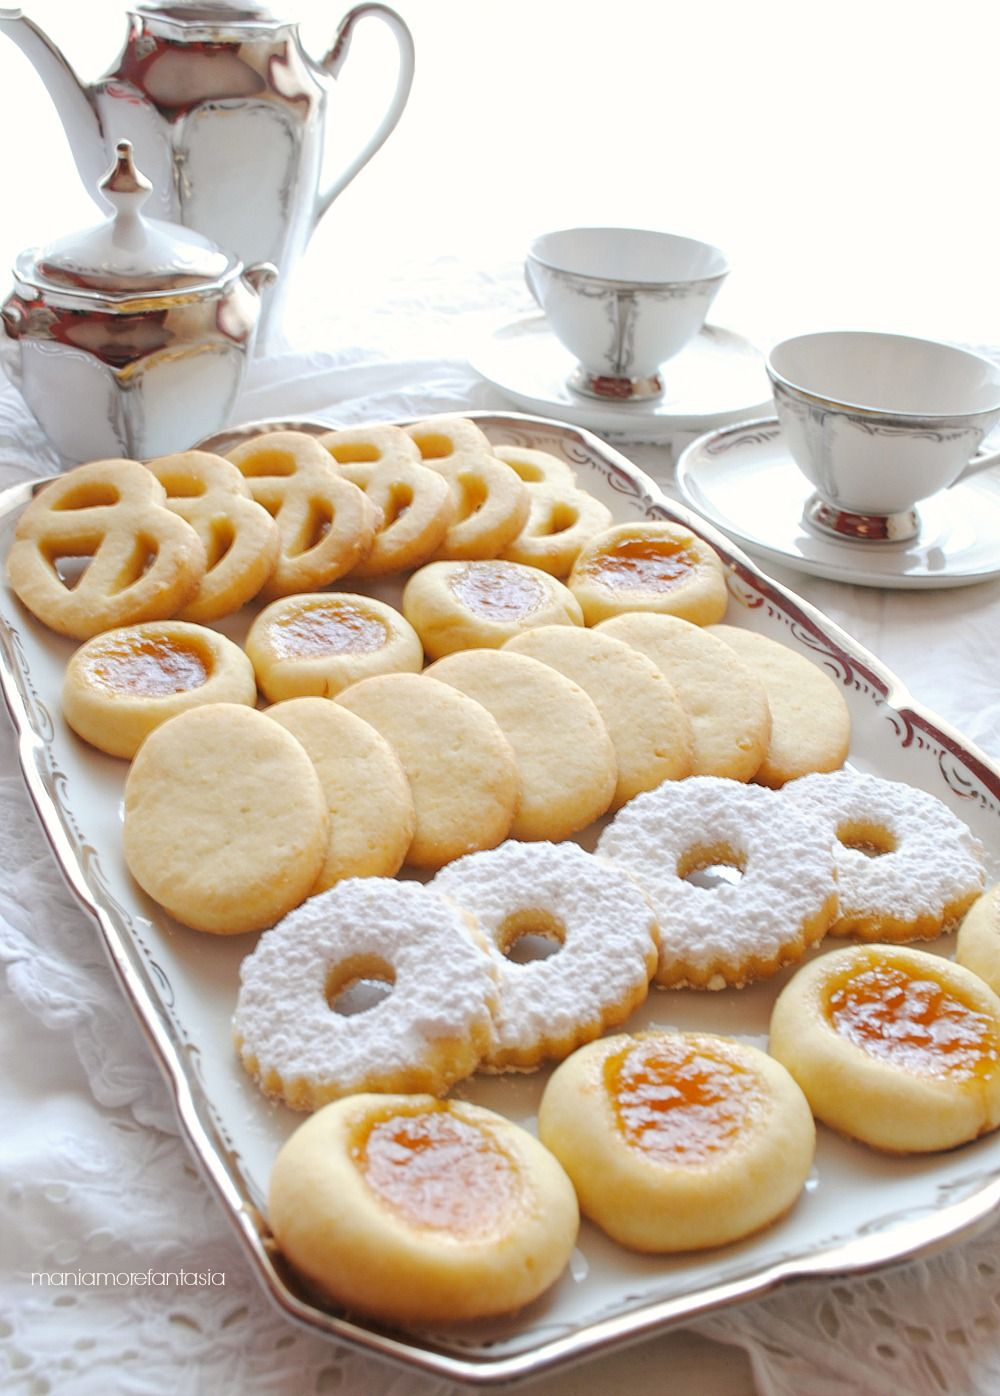 biscotti ovis mollis con tuorli di uova sode                                                                                                                                                                                 More